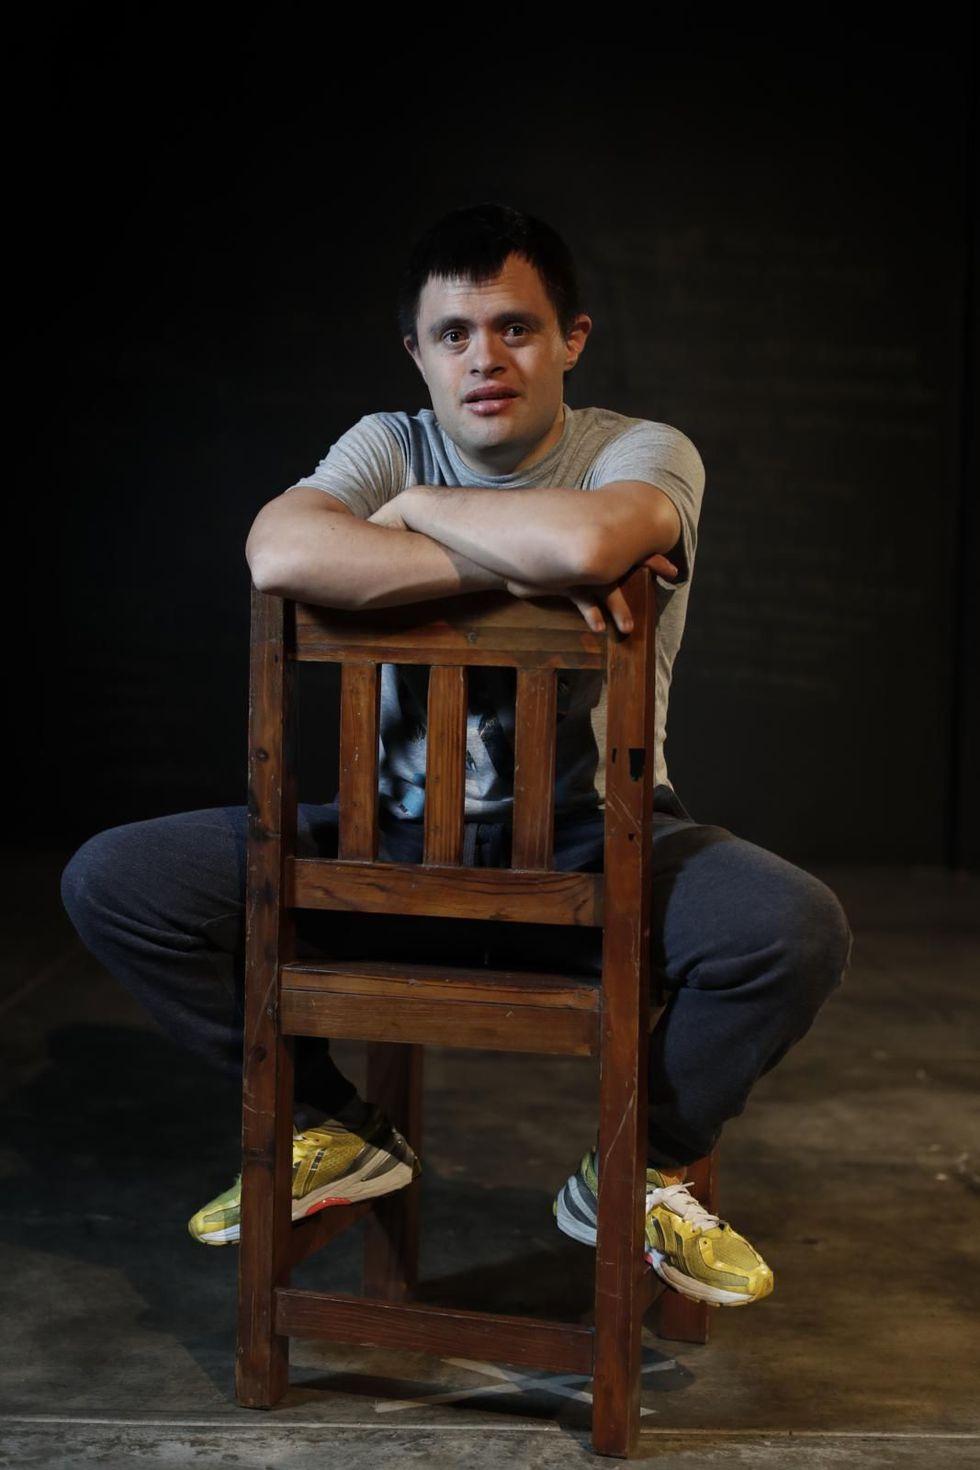 Jaime no quiere perderse el ensayo en donde junto a otros chicos con discapacidad intelectual representarán a Hamlet en el Teatro La Plaza. (César Campos / El Comercio)